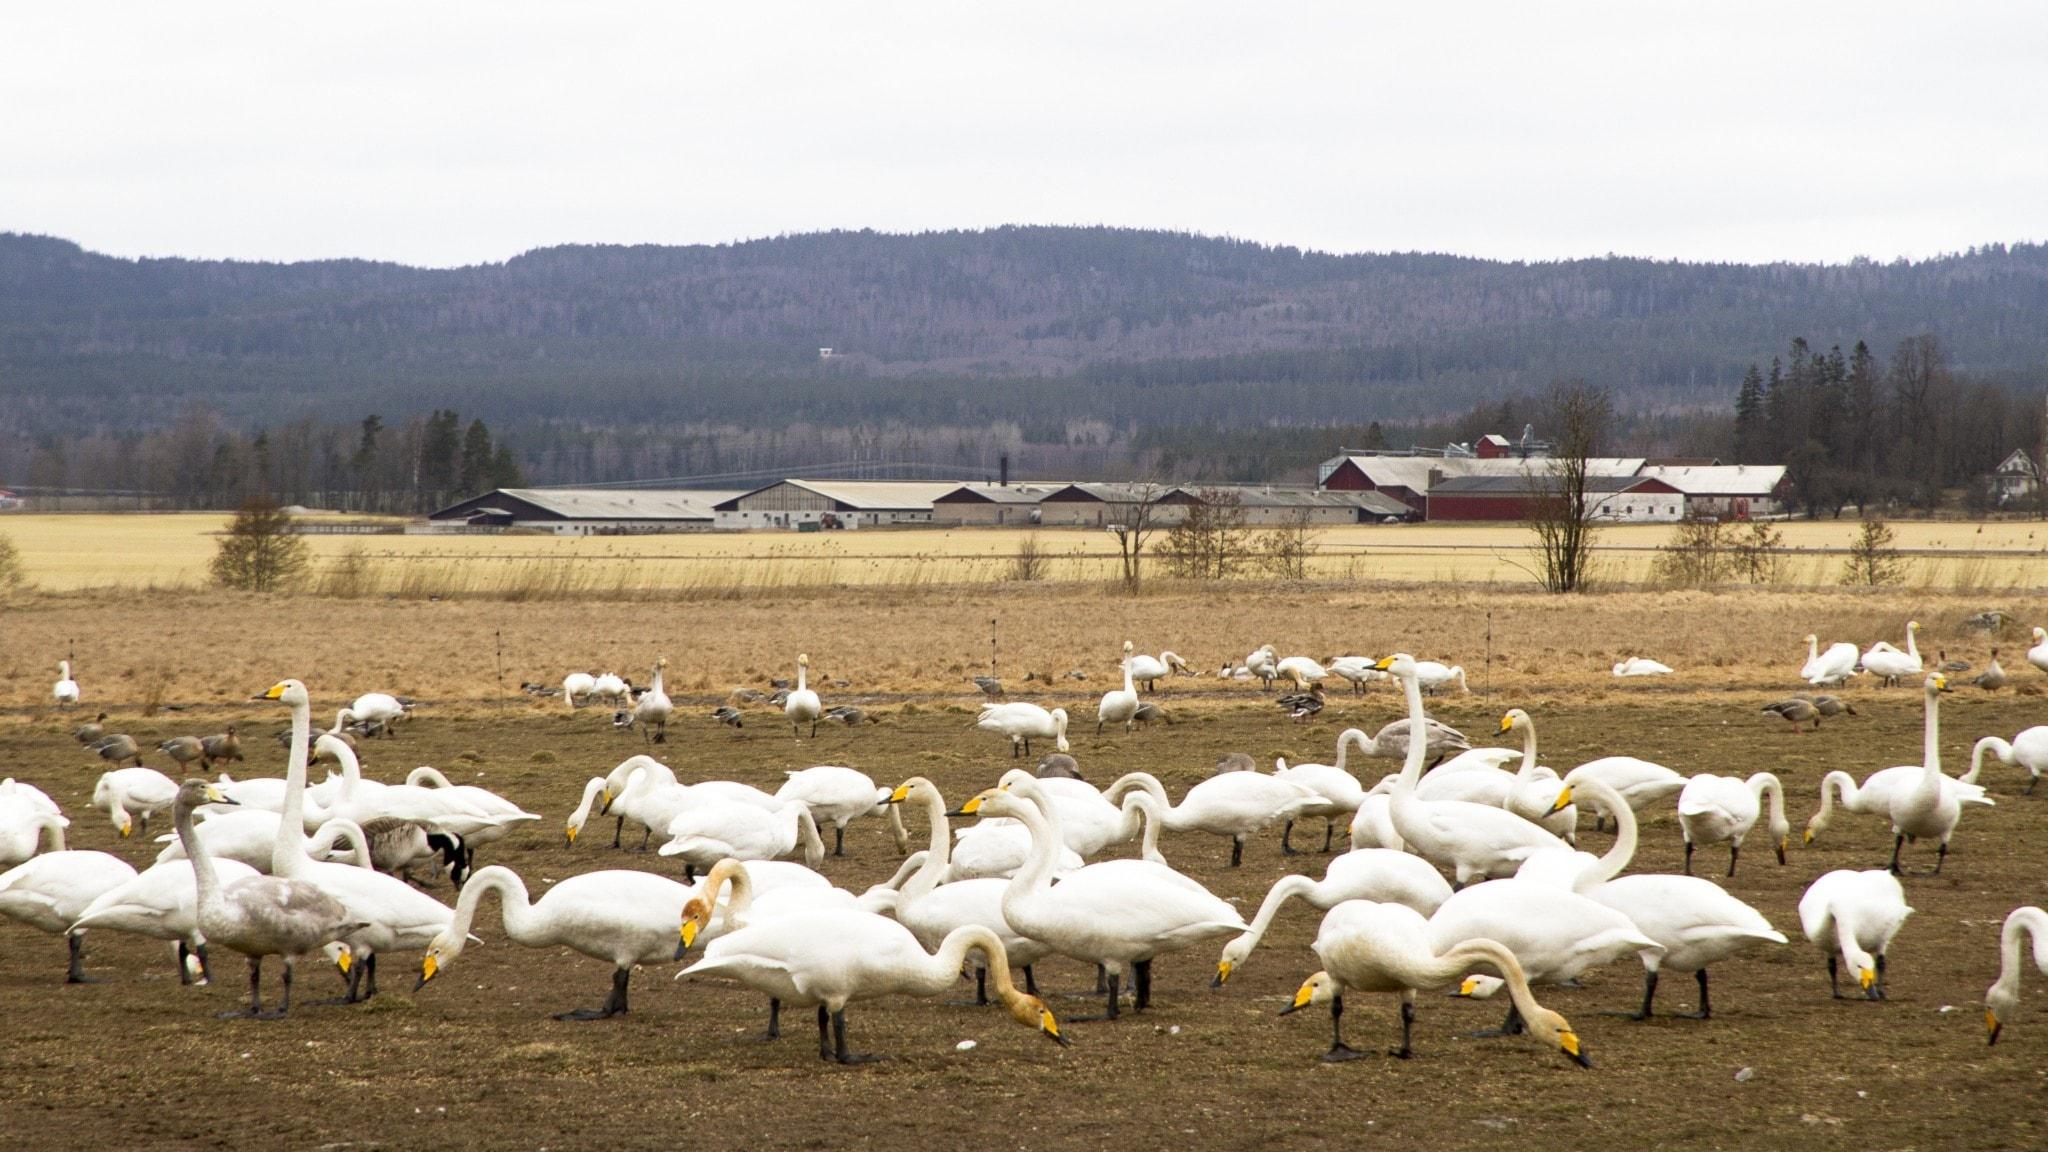 Flockar med stora vita fåglar, sångsvanar, står och betar fridfullt på en gulbrun åker. I bakgrunden syns Kilsbergens silhuett.